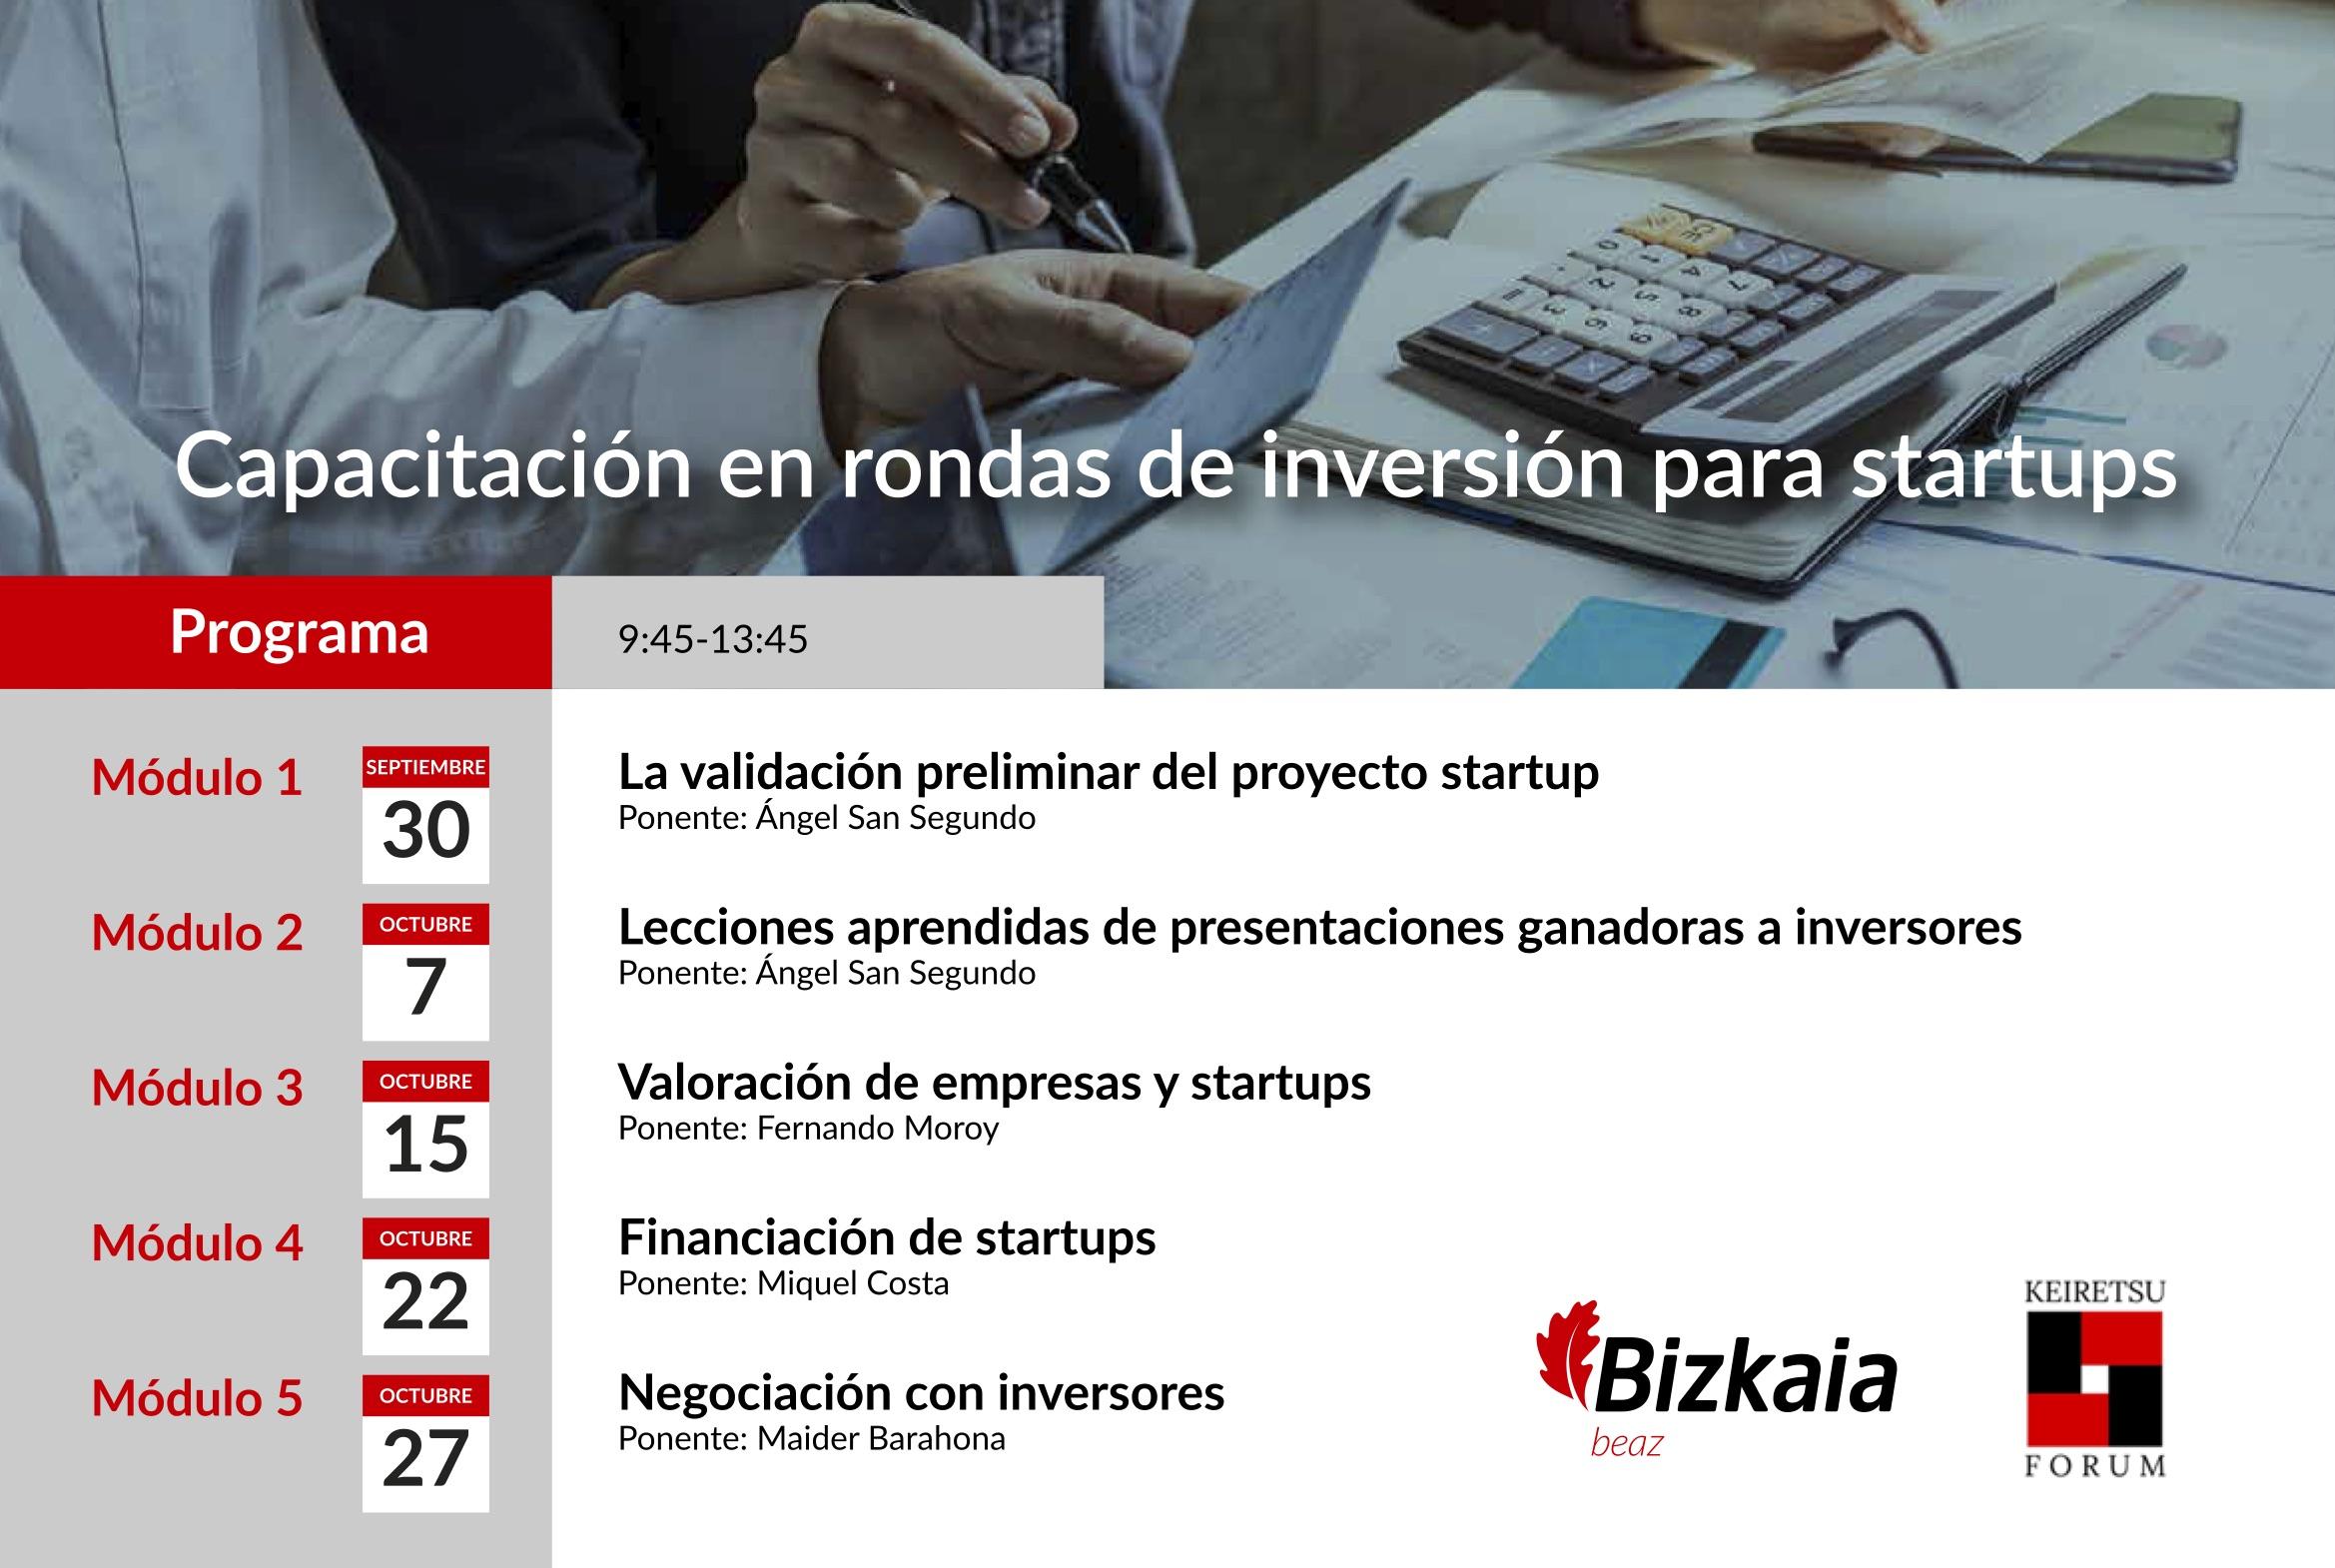 Inversión startups Bizkaia